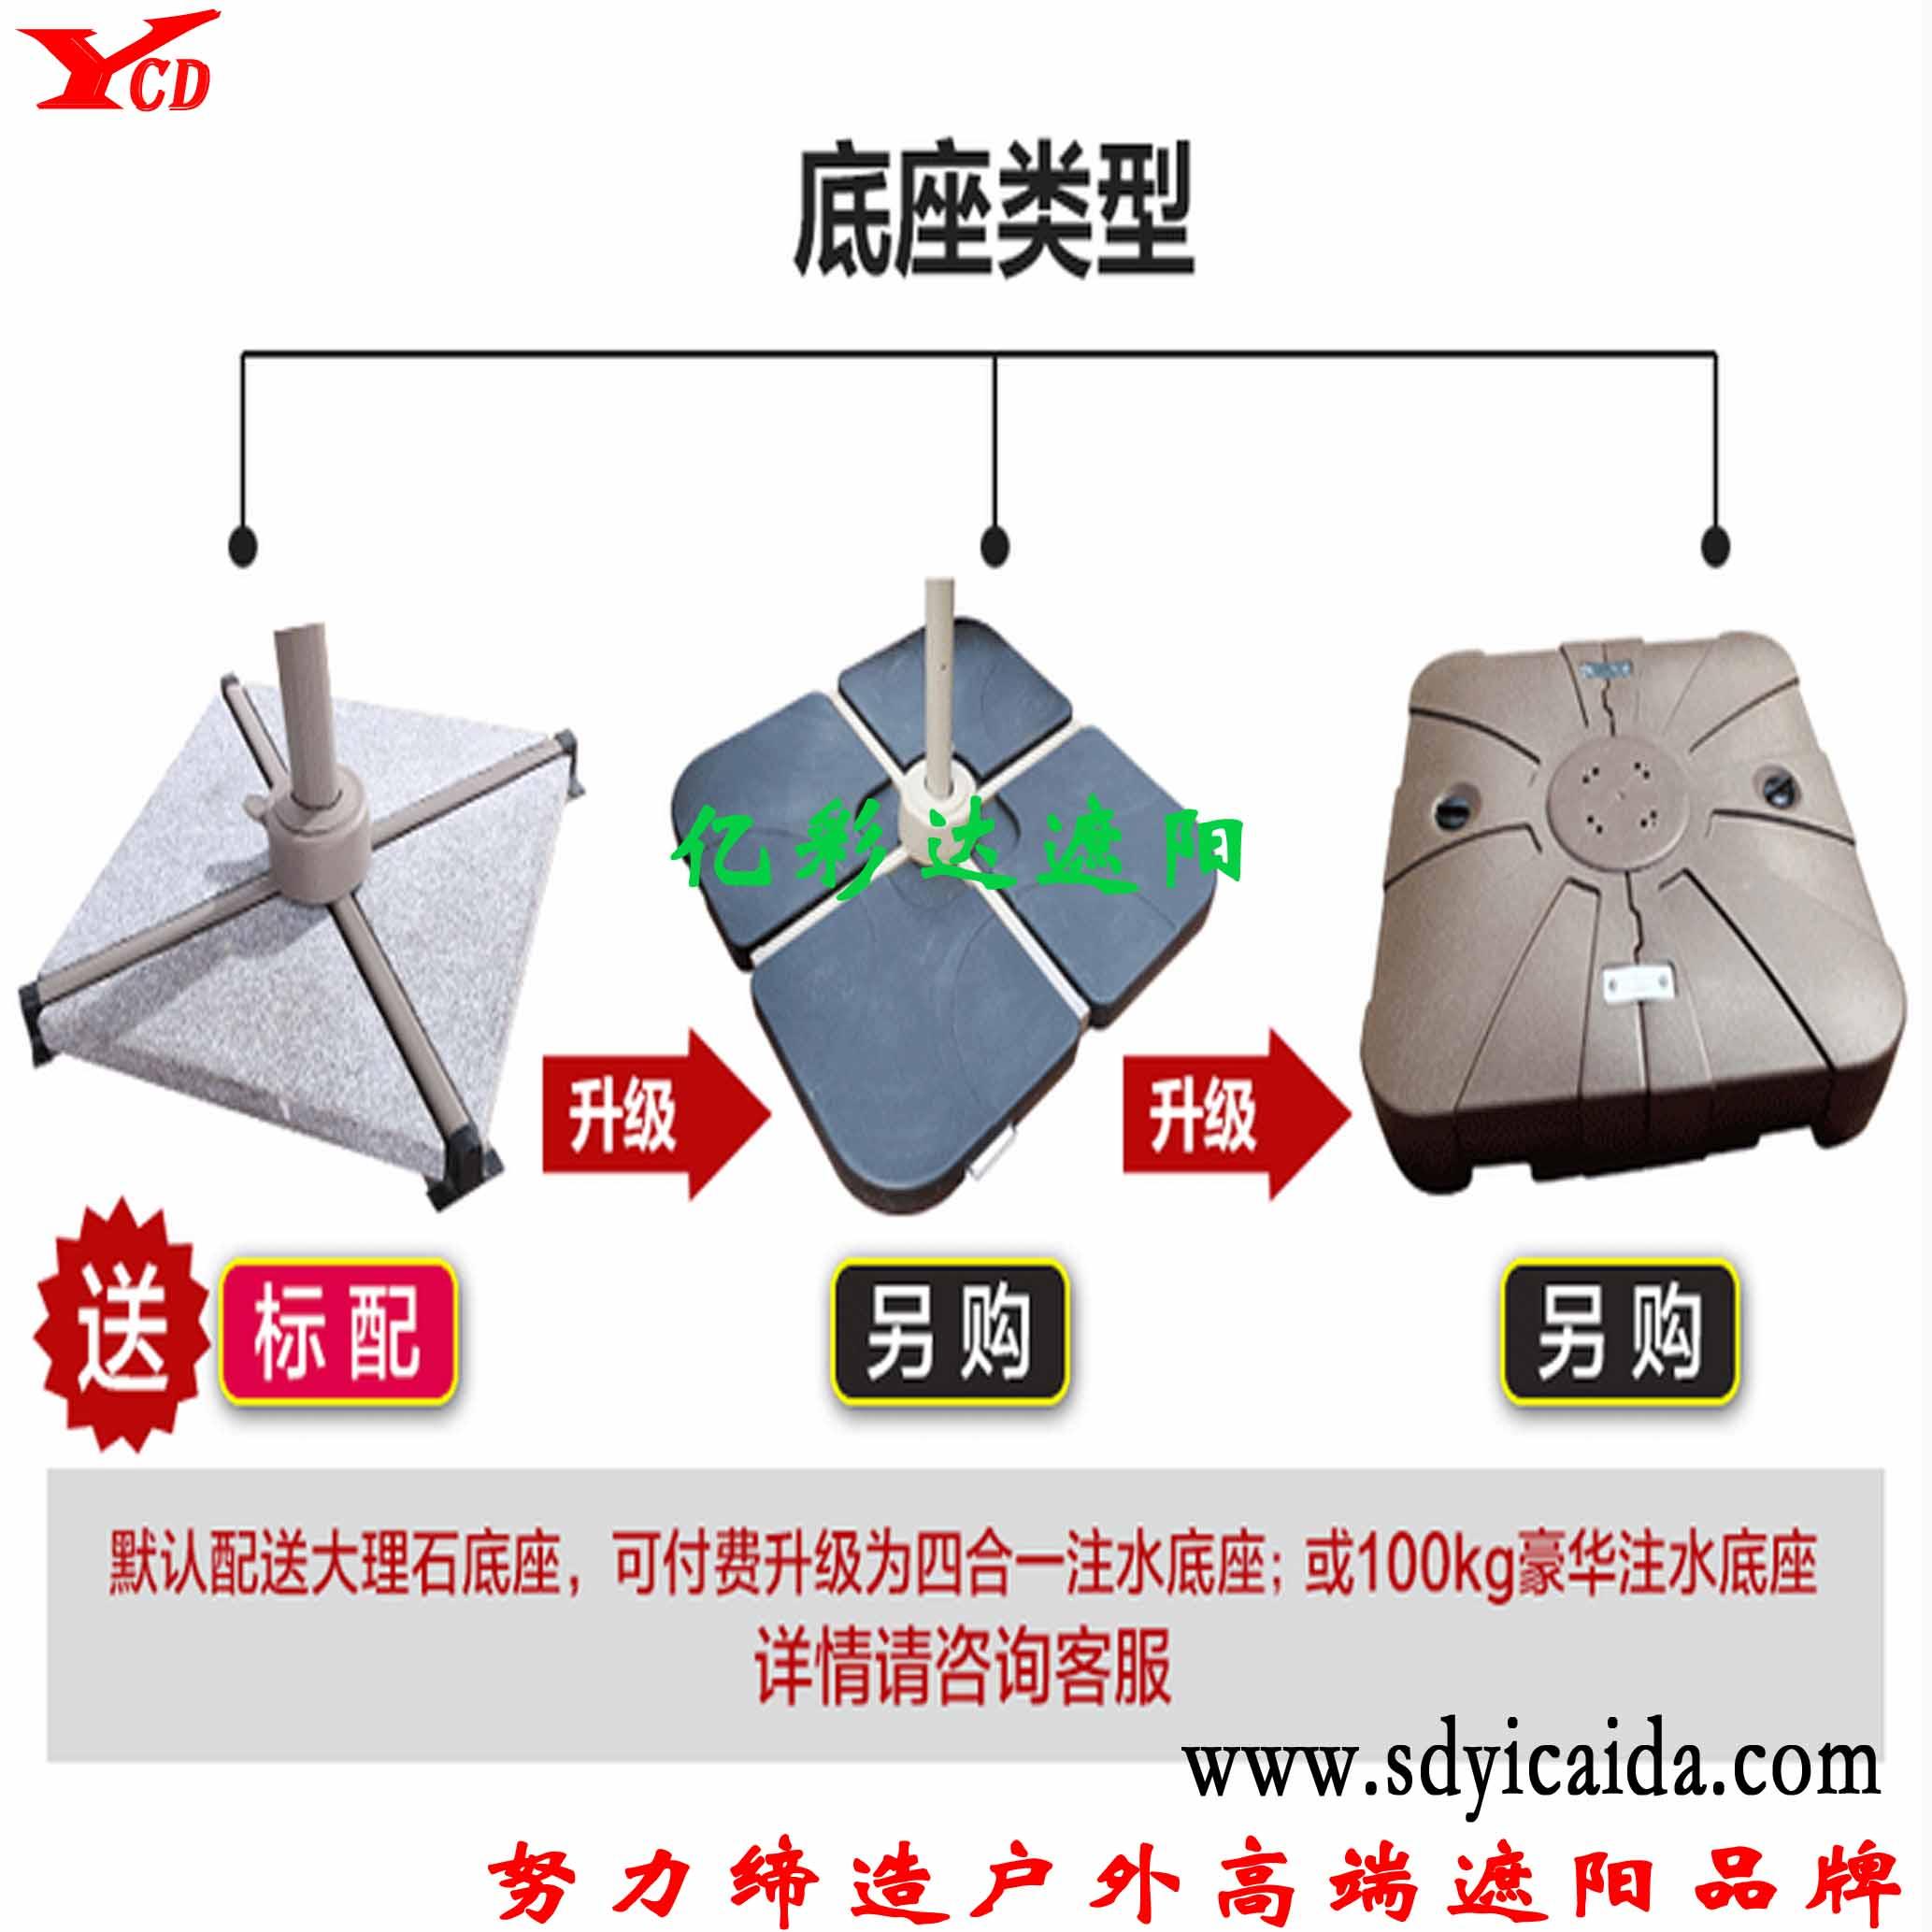 大罗马伞 遮阳伞-山东亿彩达遮阳节能科技有限公司